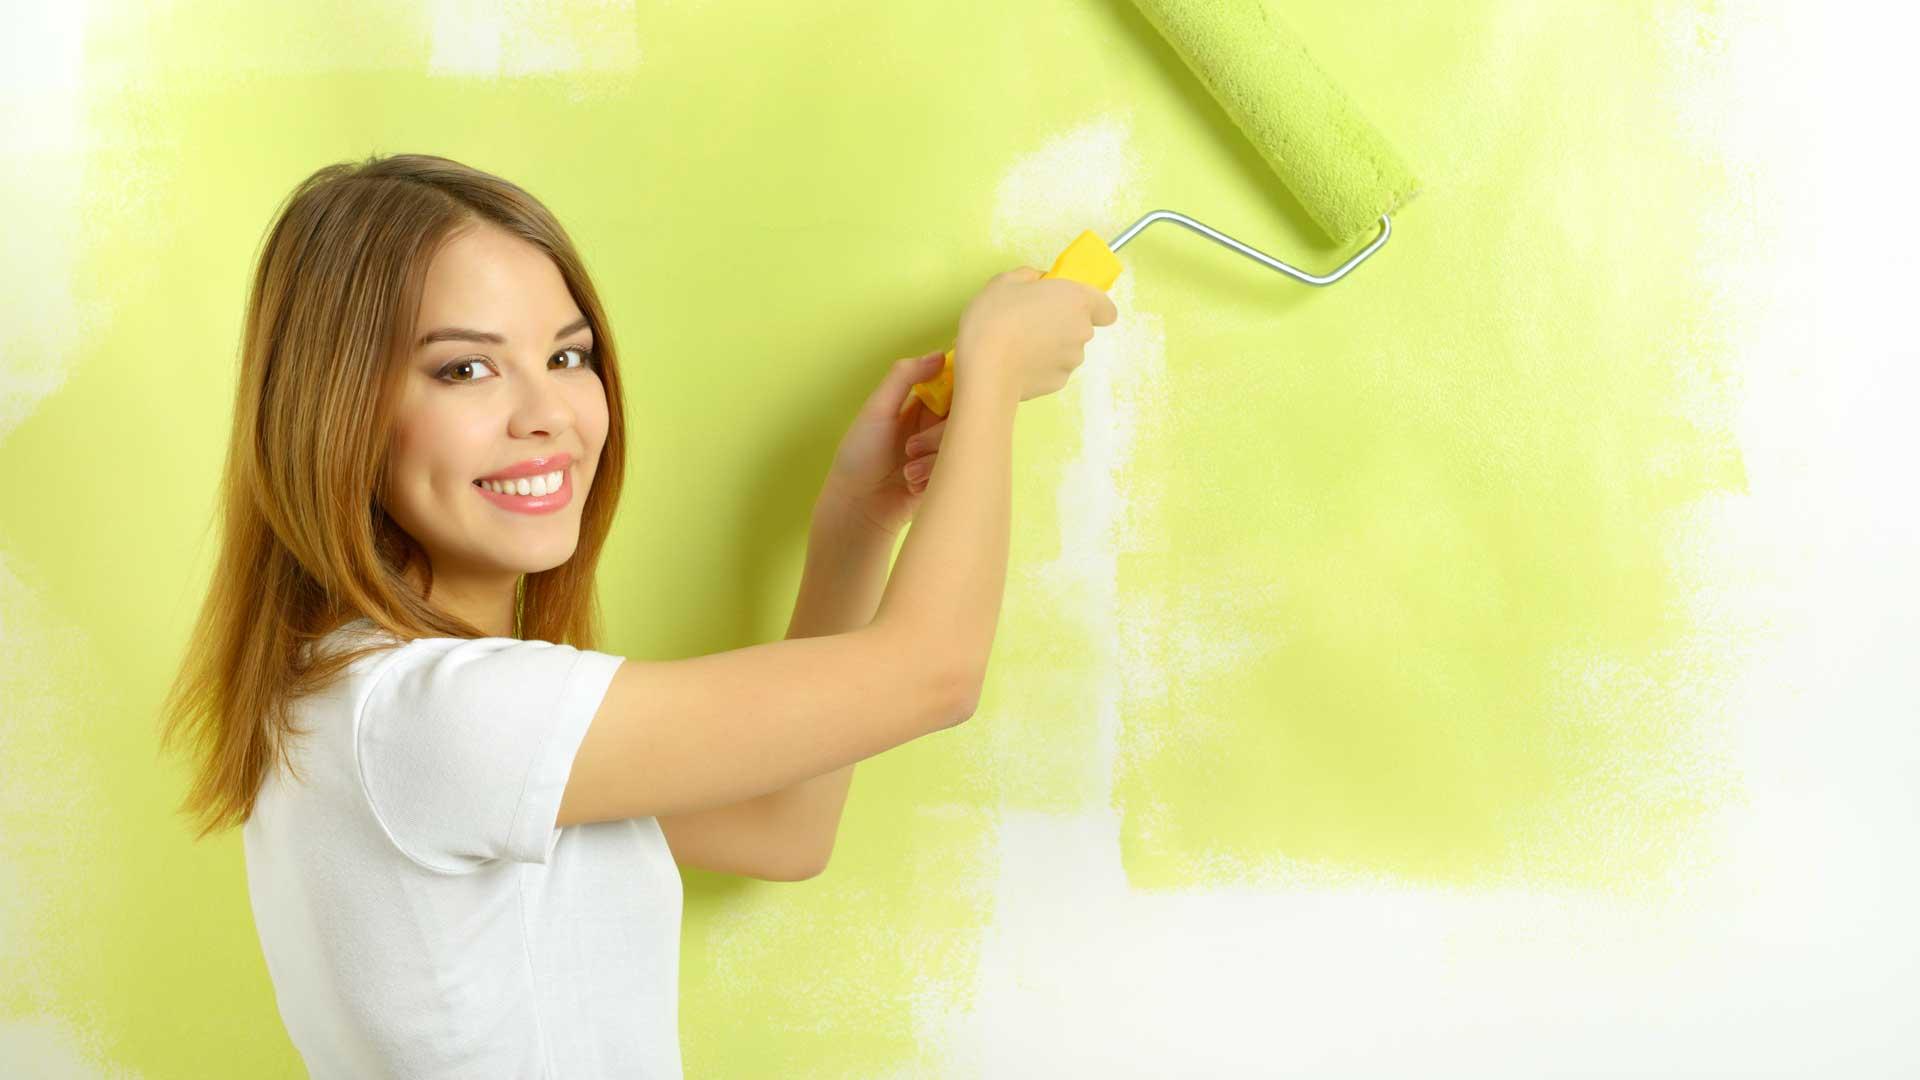 immagine rappresentativa del reparto Vernici e pitturazioni del brico ok corigliano